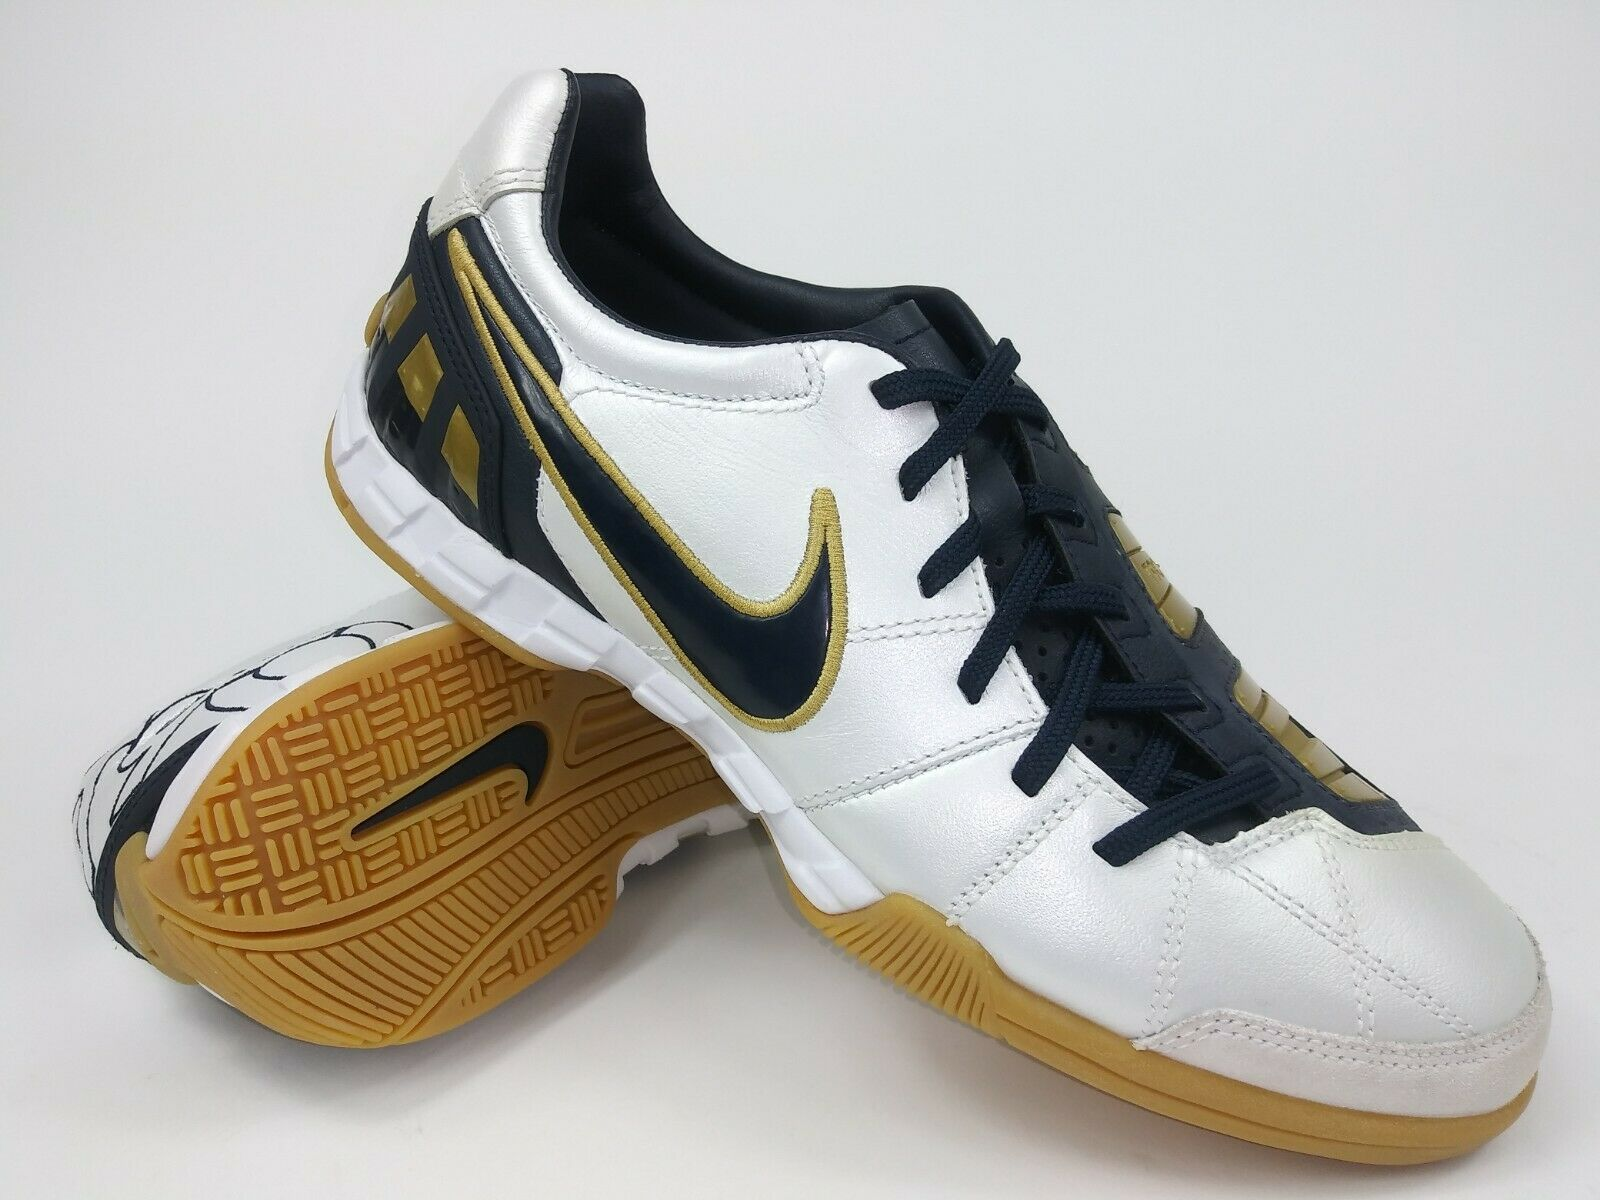 Nike Hombre Raro total 90 Shoot Iii L-IC Calzado de Fútbol Indoor 385437-147 blancoooo